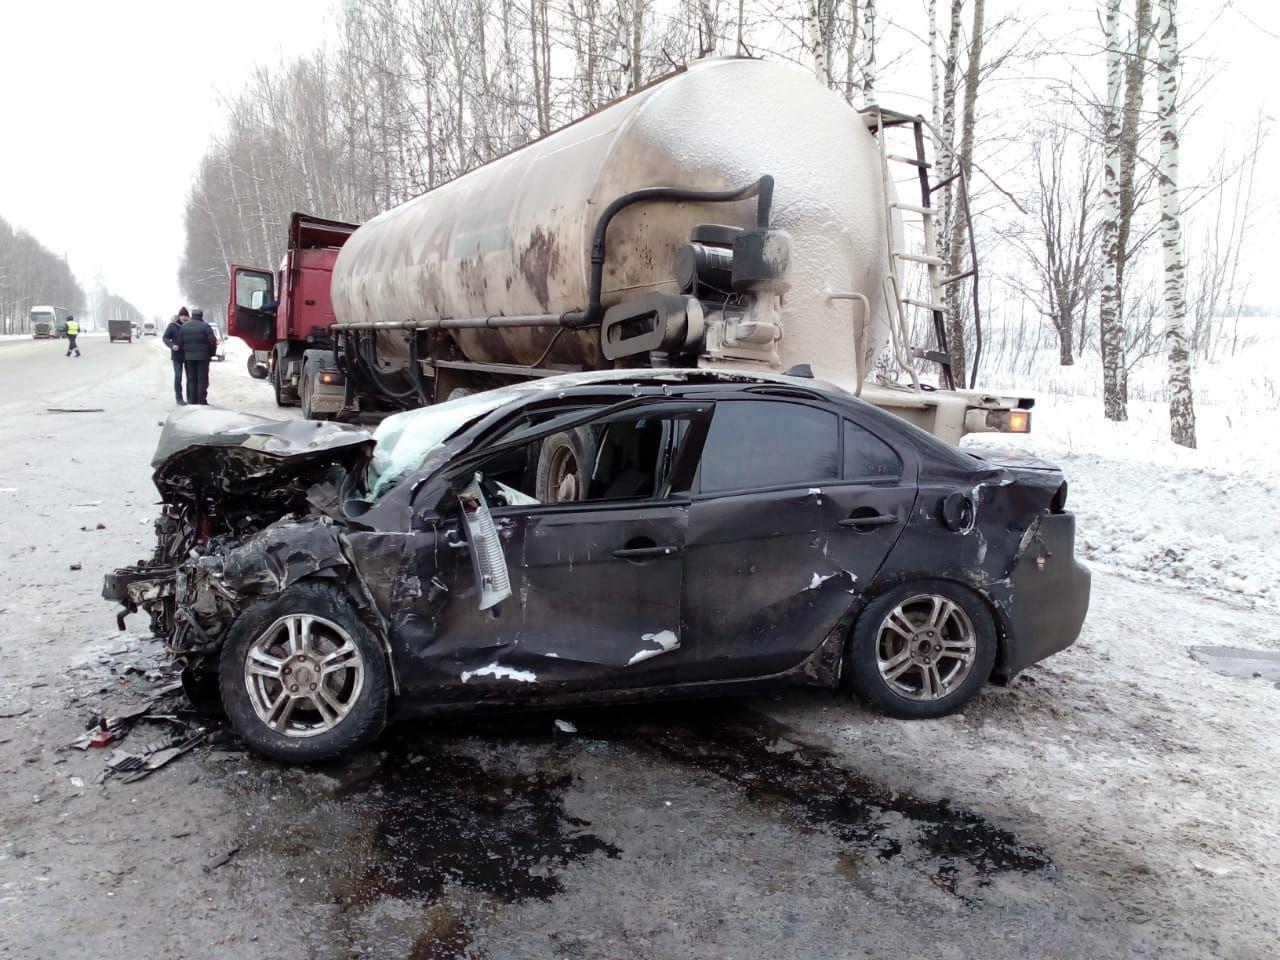 Огромная яма и лед на дороге: подробности ДТП с четырьмя машинами на Ленинградском